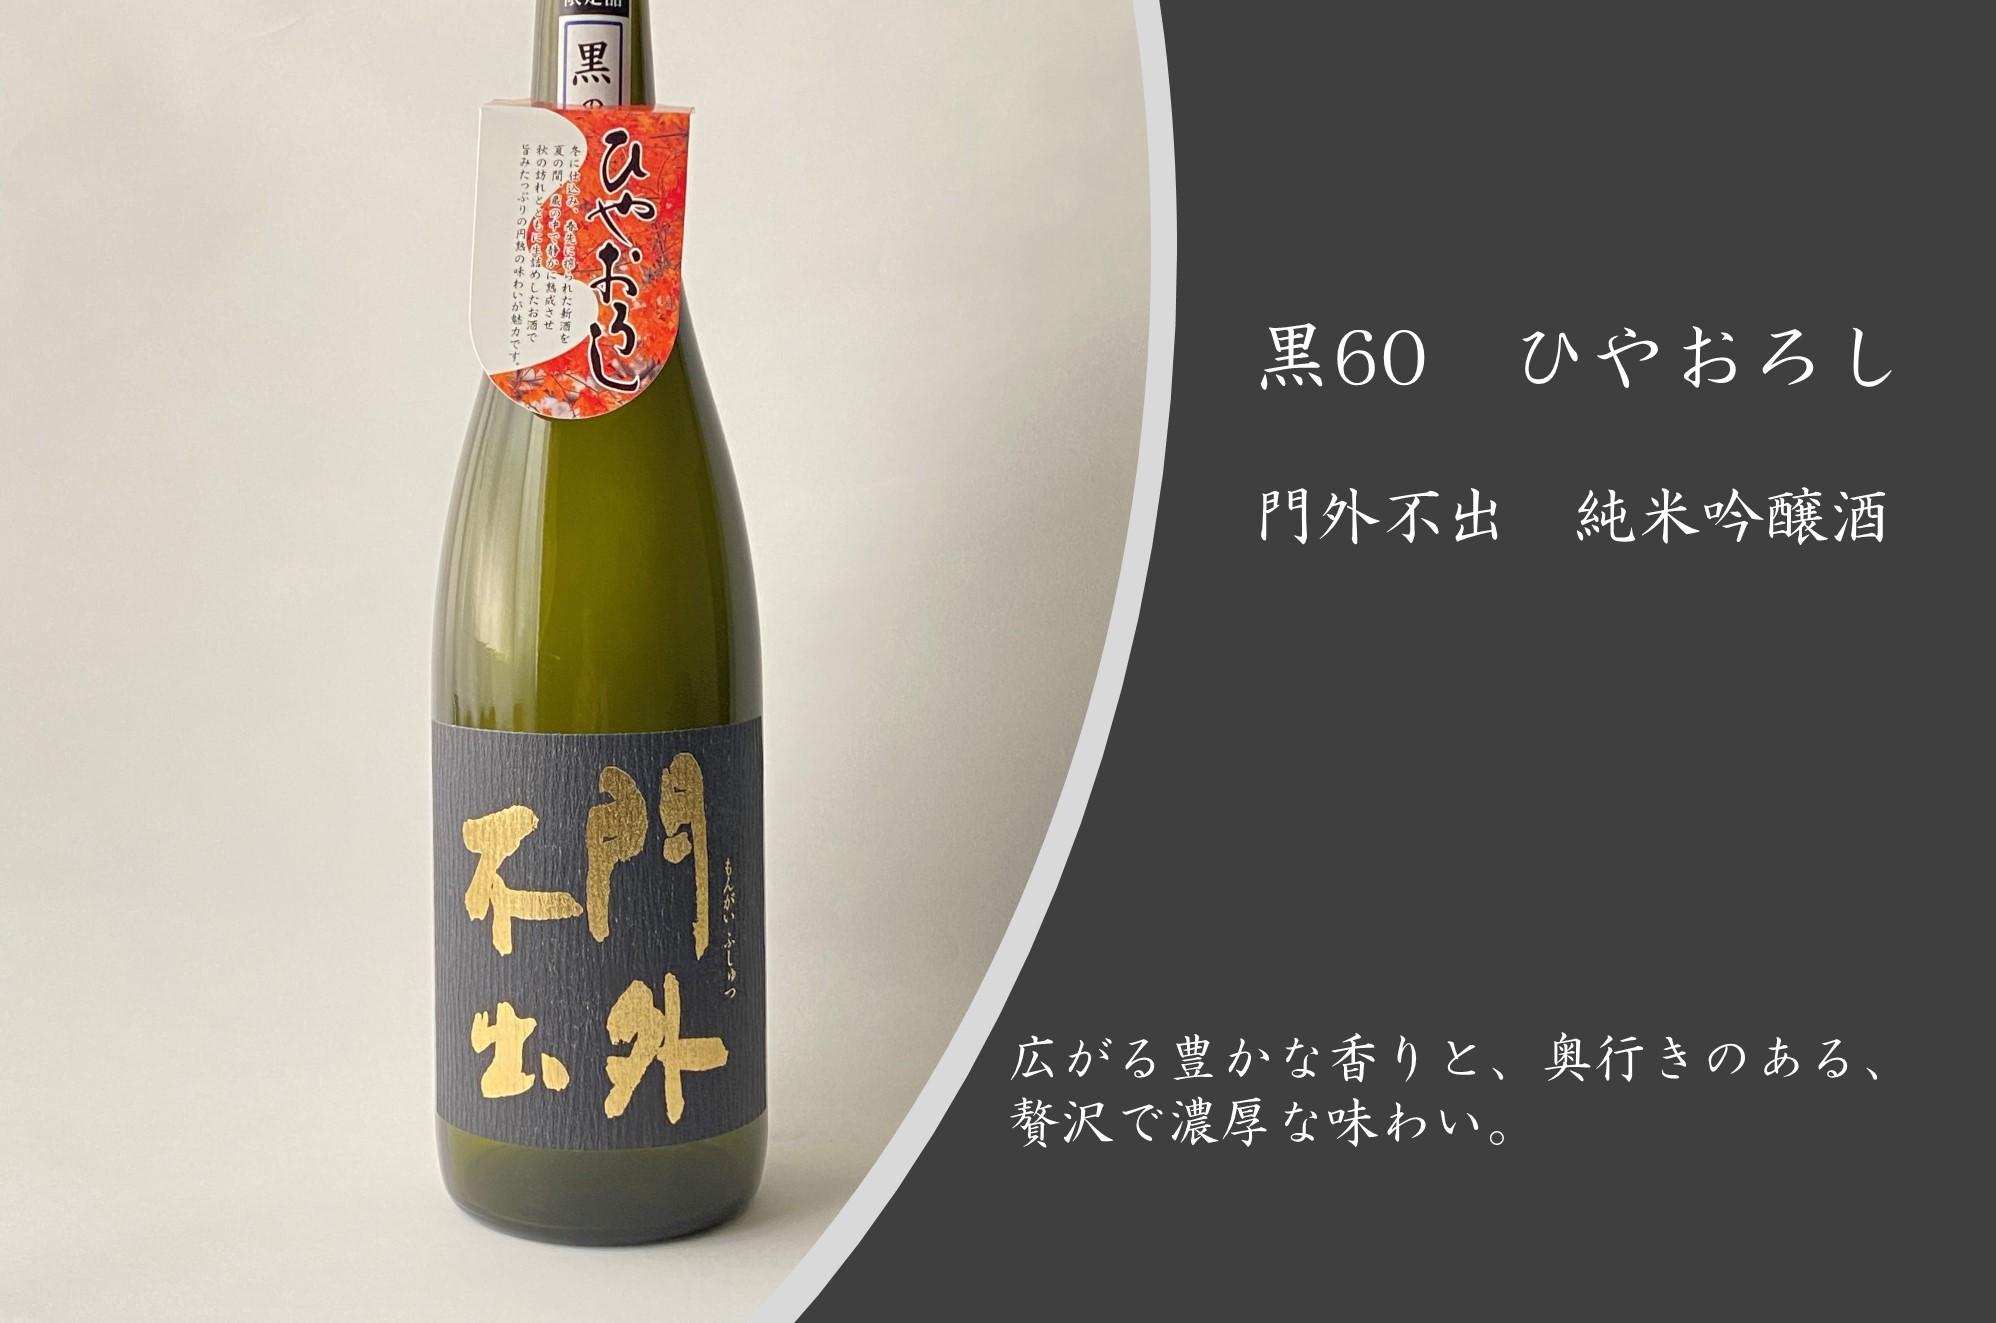 黒60 ひやおろし 門外不出 純米吟醸酒